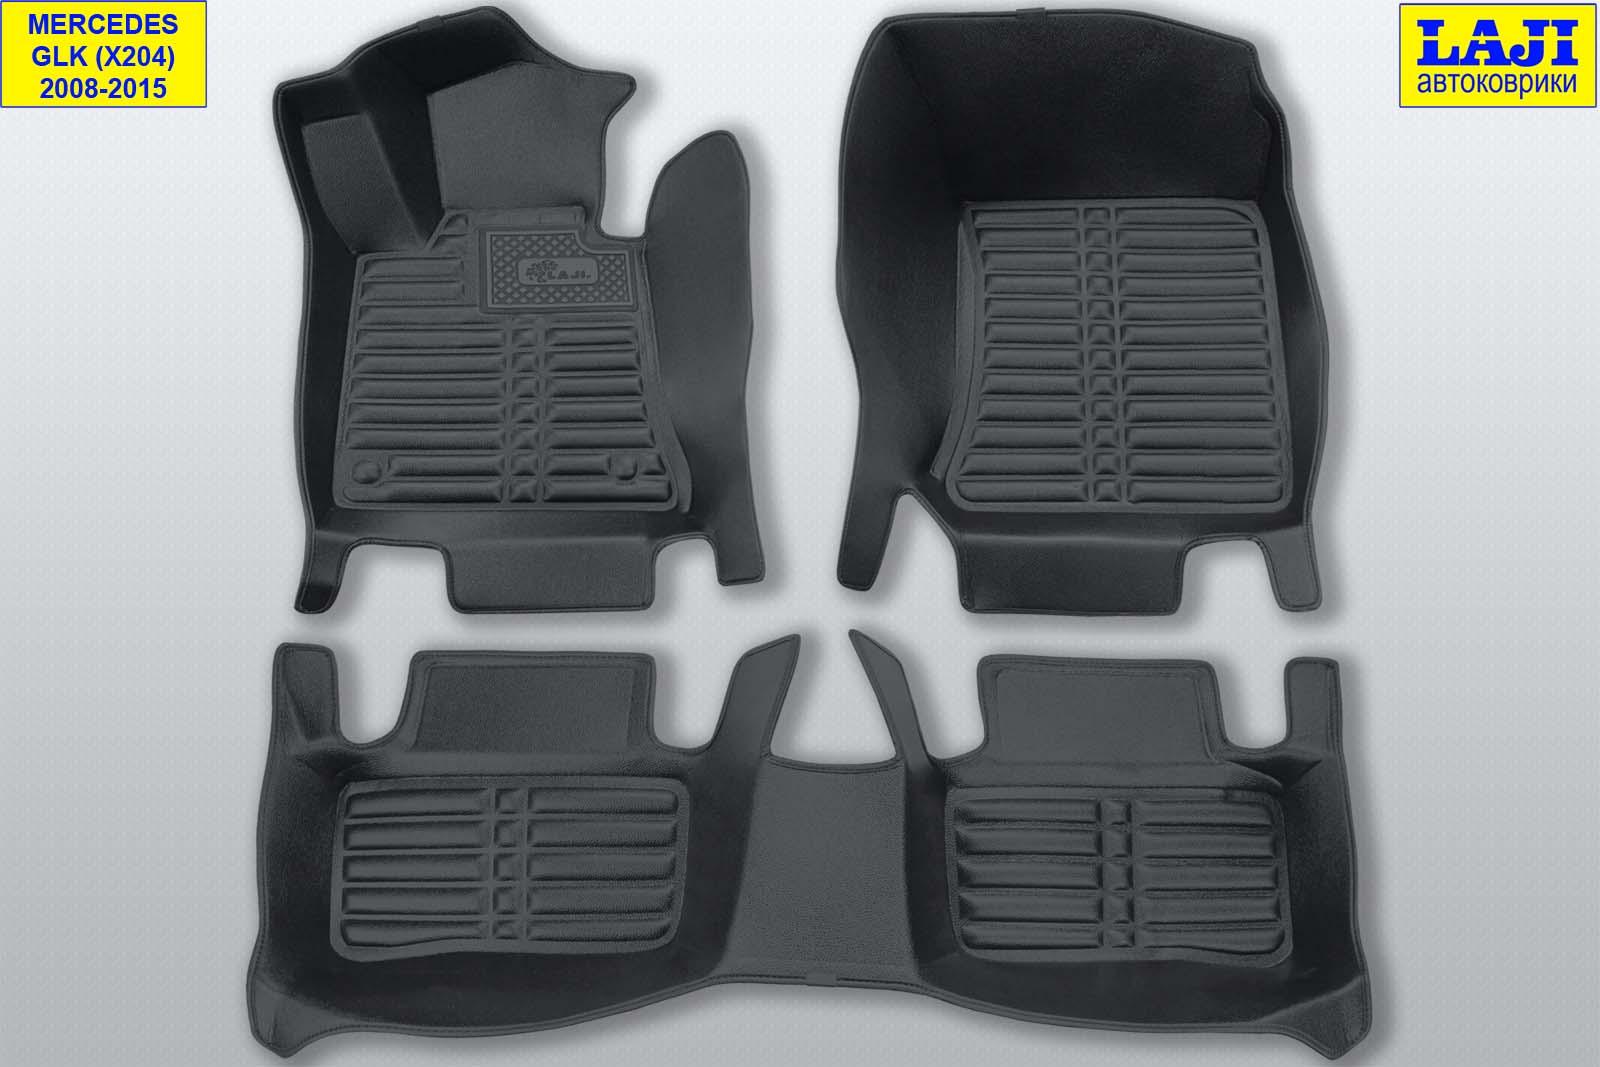 5D коврики в салон Mercedes GLK X204 2008-2015 1